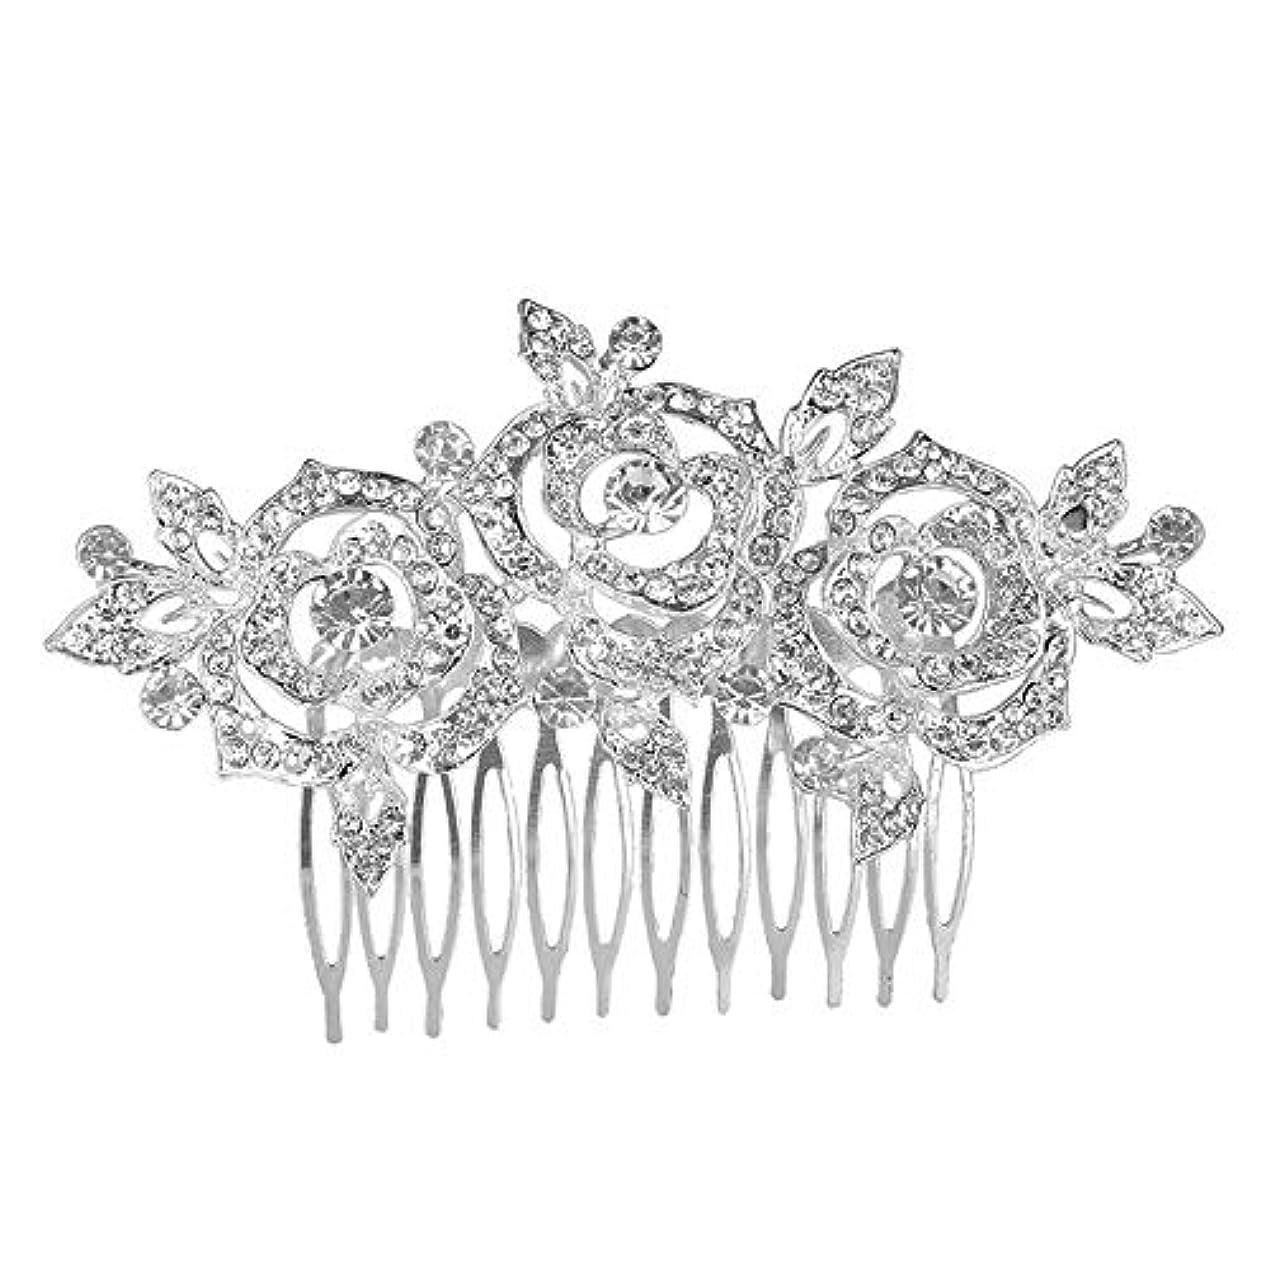 教育元気力強い髪の櫛挿入櫛花嫁の髪櫛クラウン髪の櫛結婚式の付属品櫛の髪の櫛花の櫛の櫛ブライダルヘッドドレス